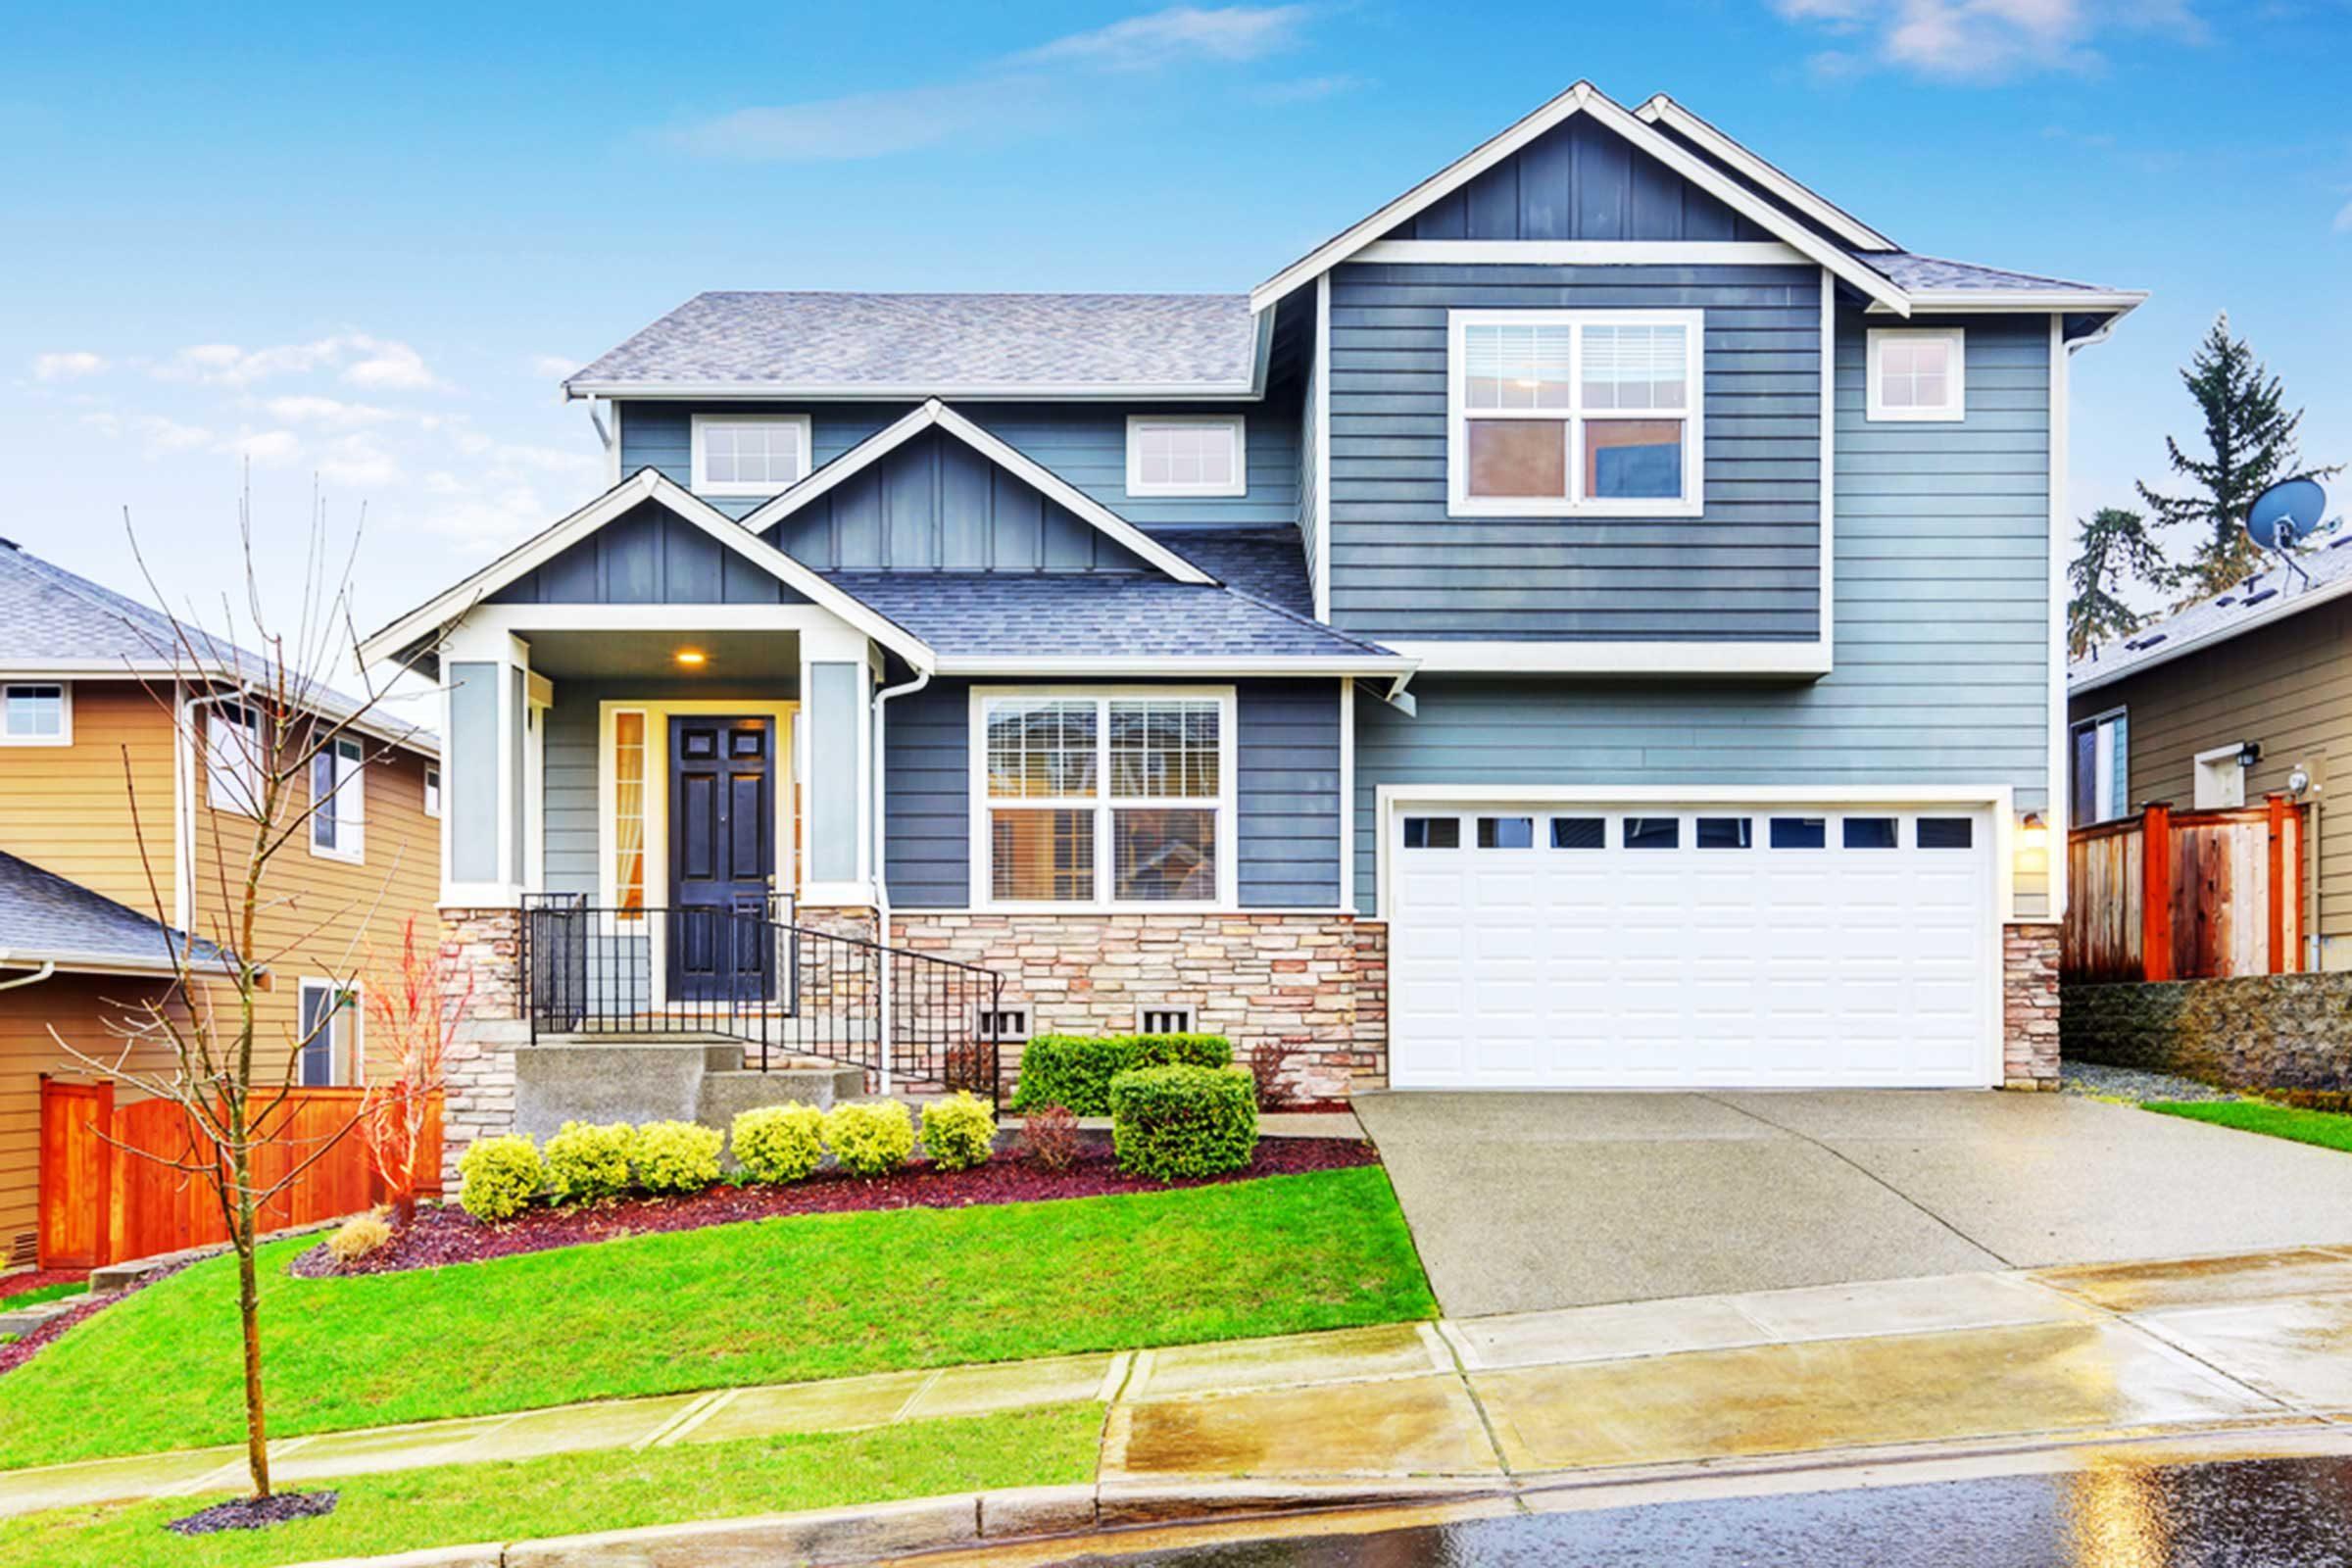 Soyez au fait du marché actuel, pour vendre votre maison